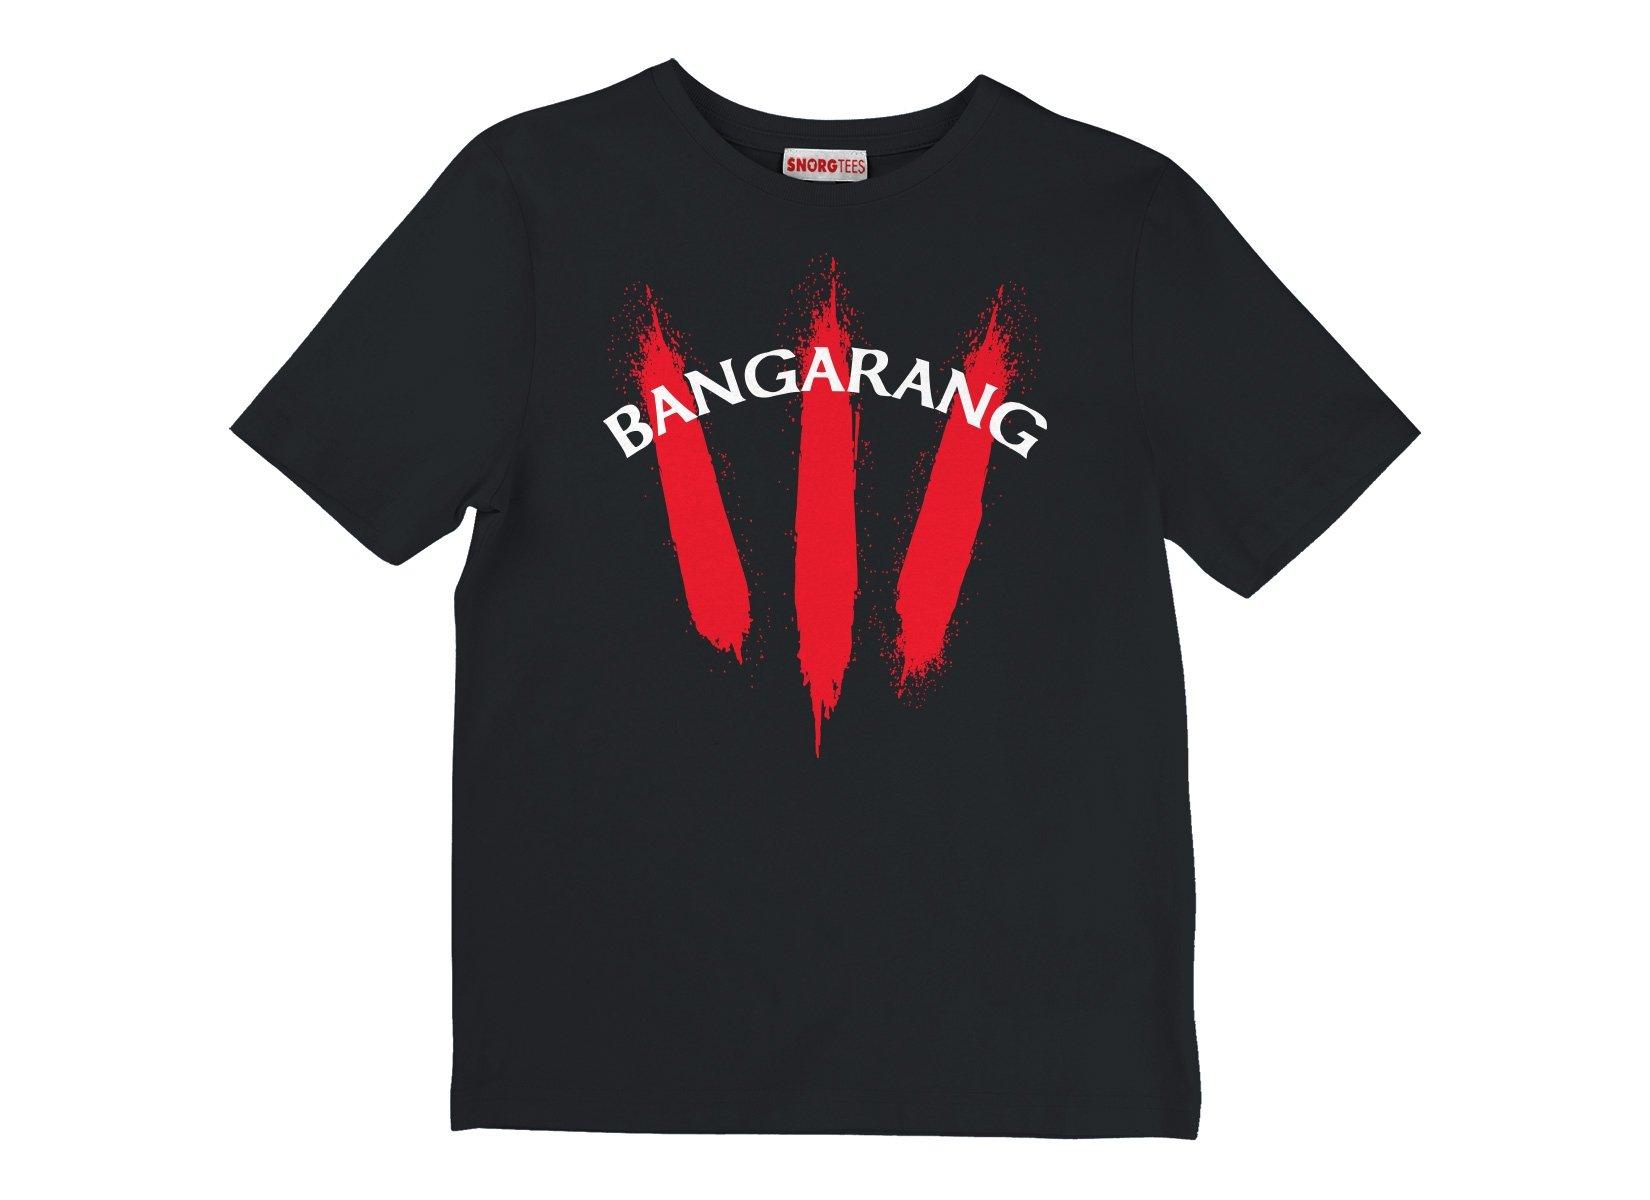 Bangarang on Kids T-Shirt